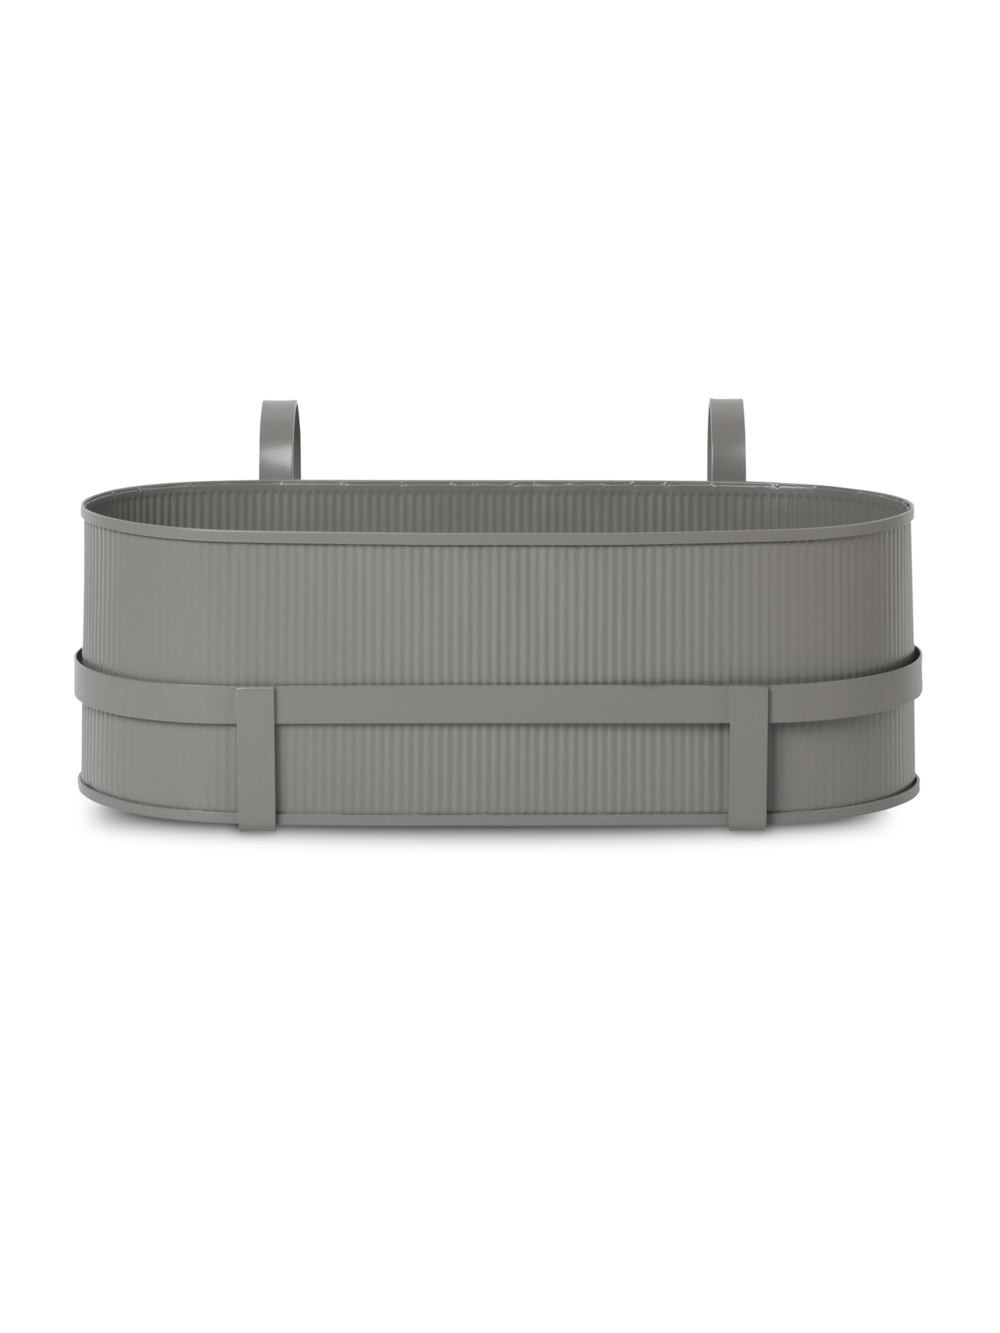 Ferm Living - Bau Balcony Box - Warm Grey (100020111)